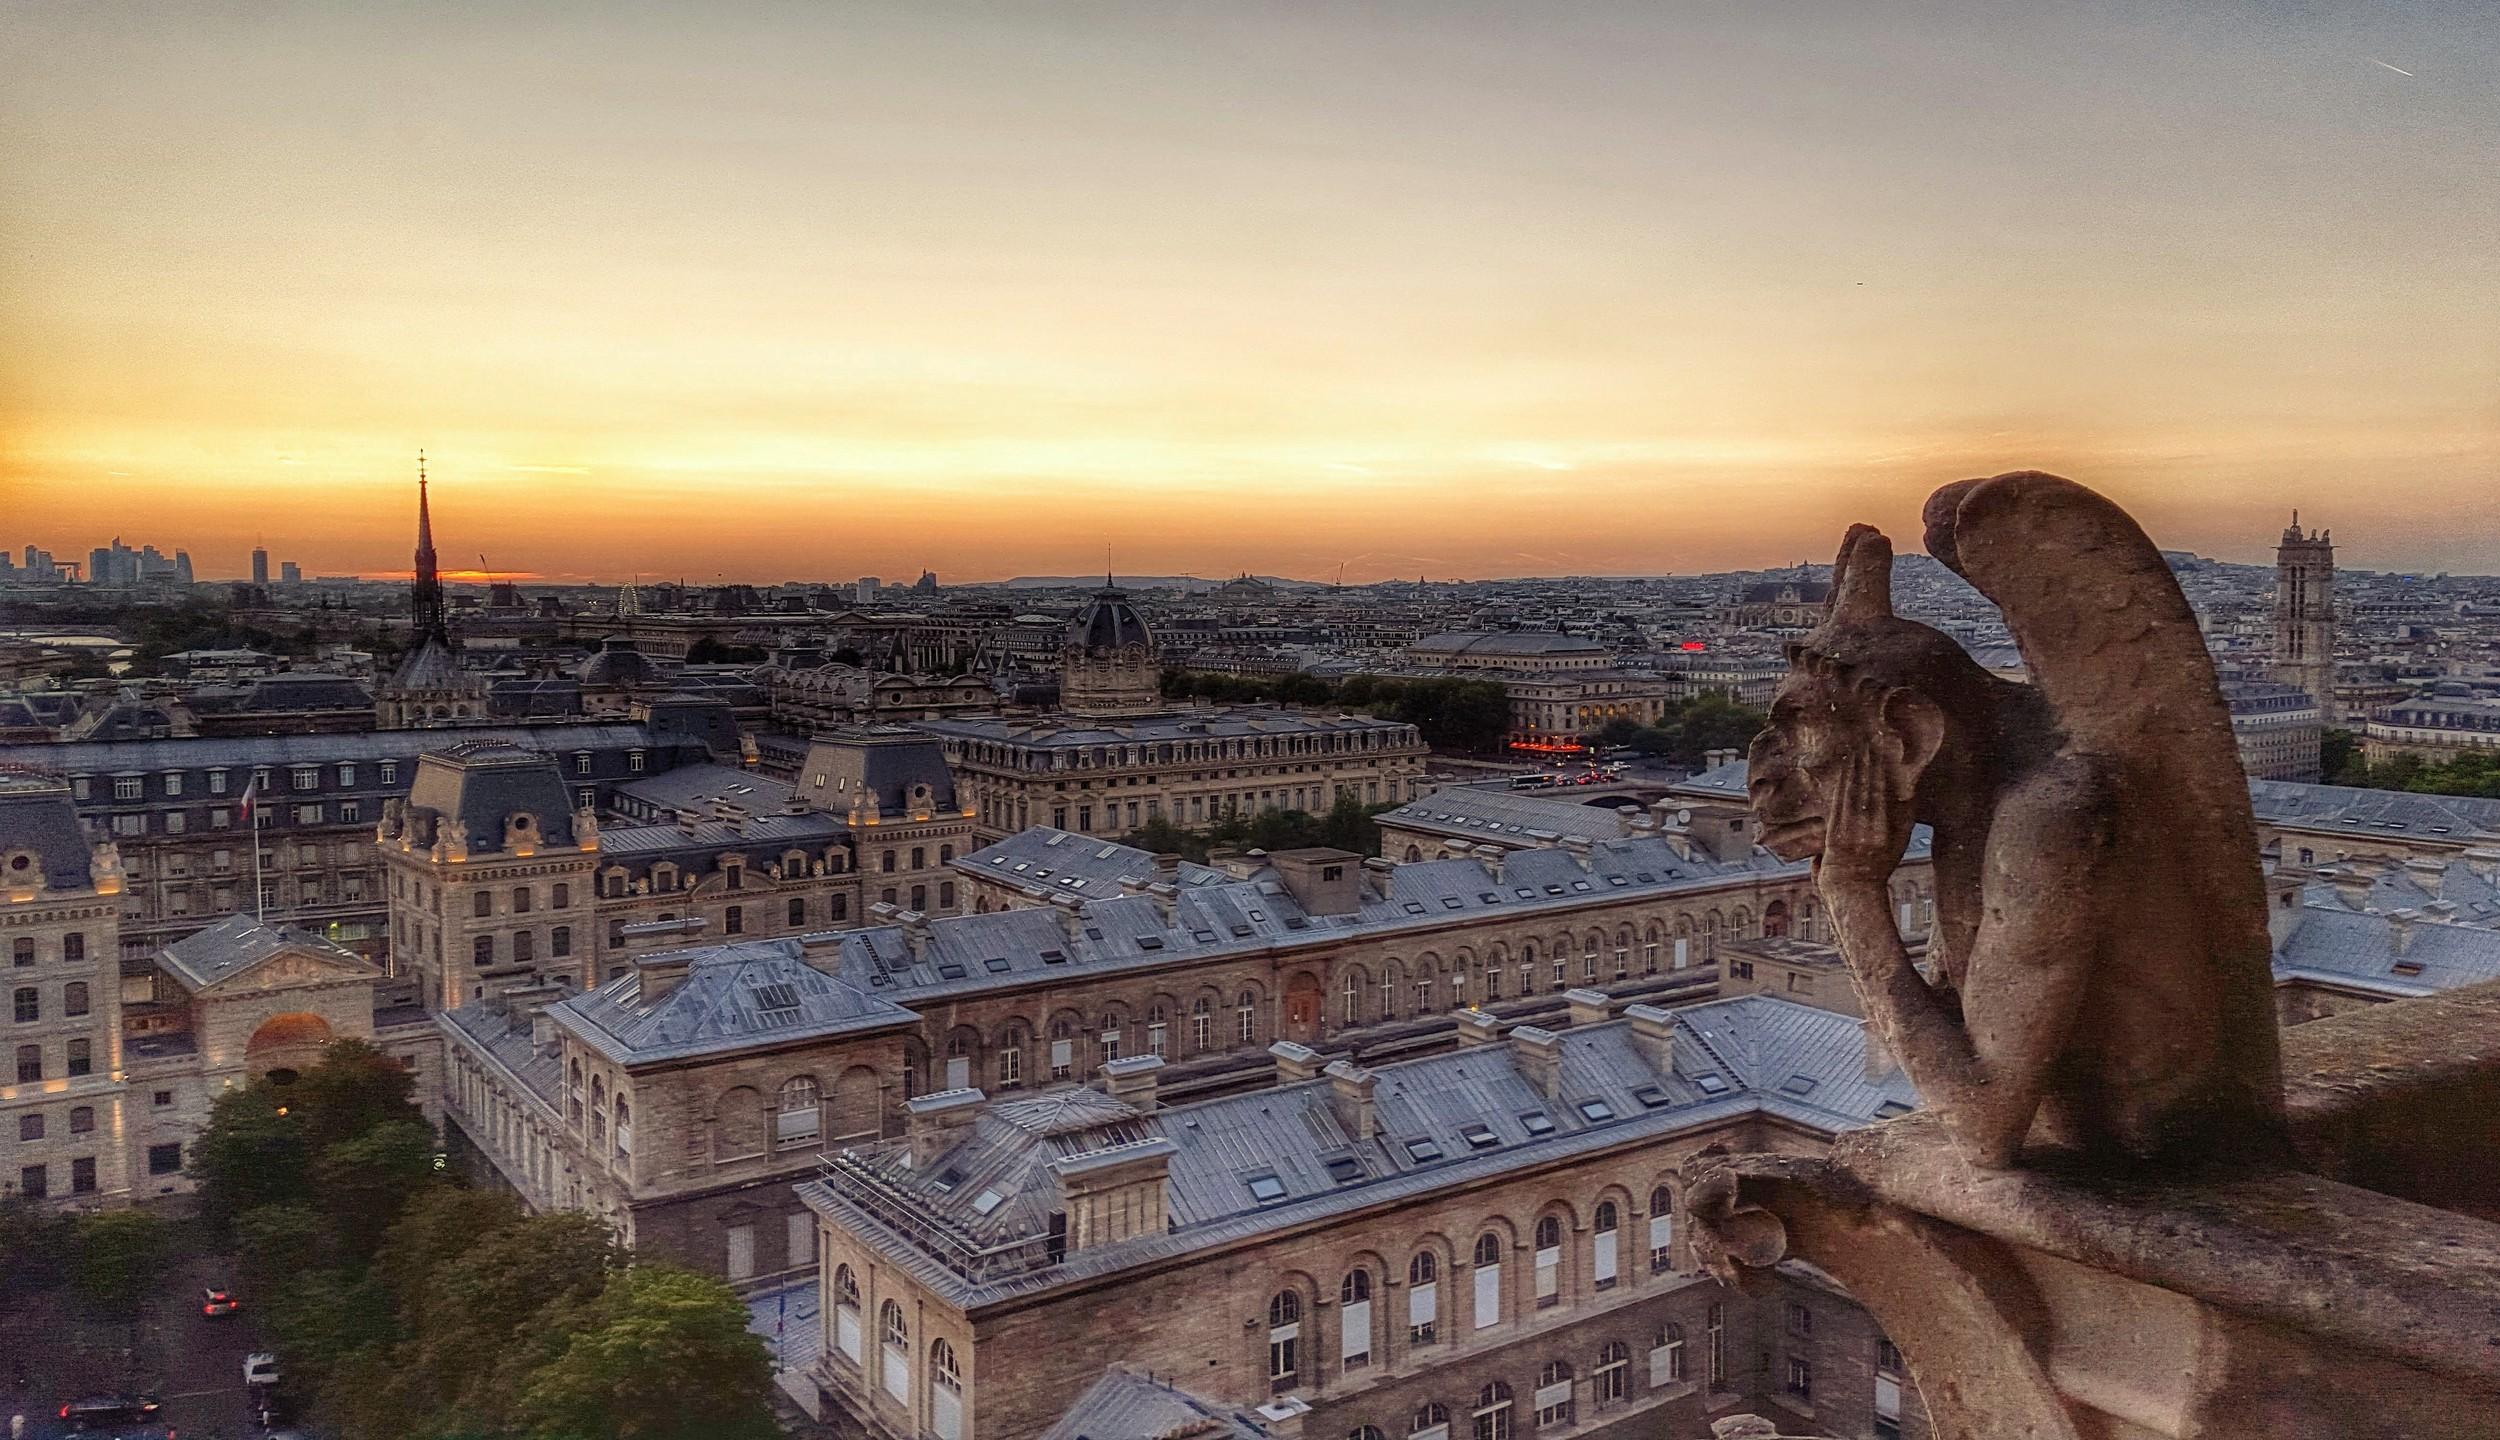 Sunset, Notre Dame - Paris